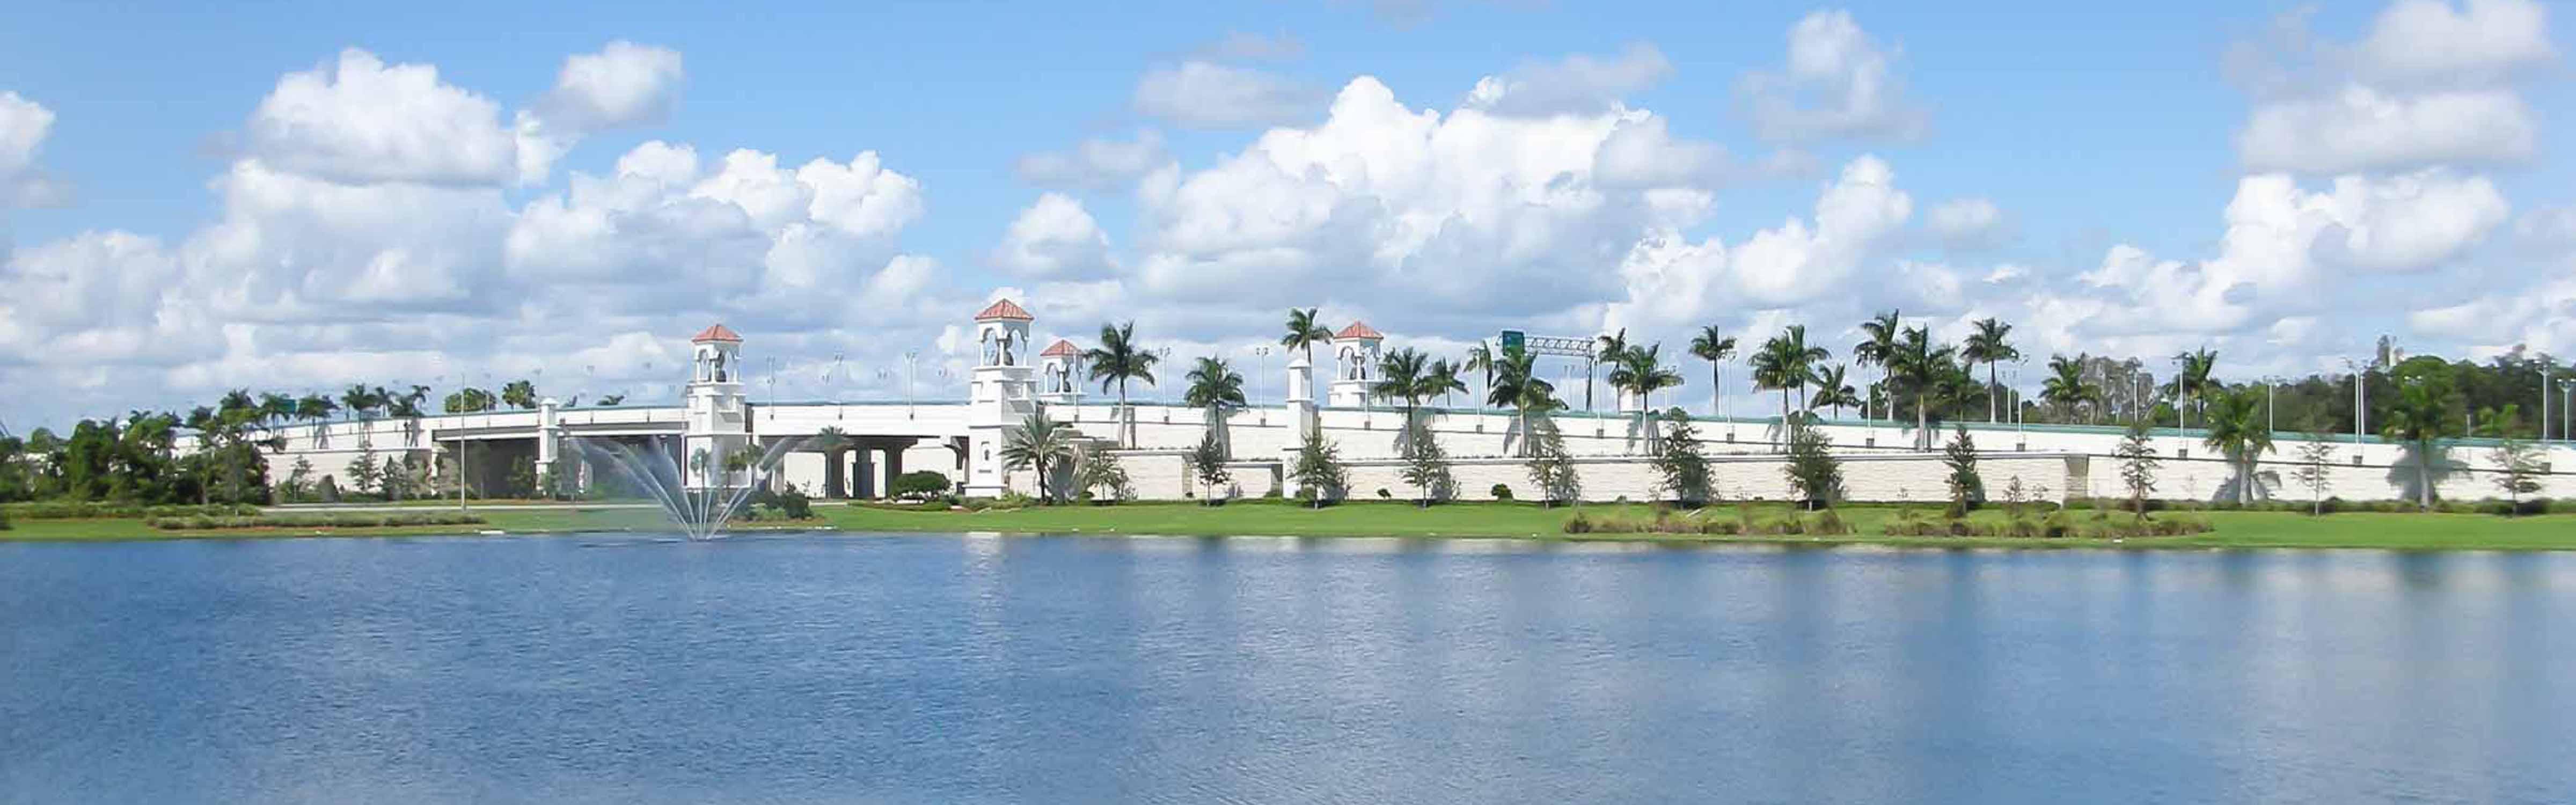 Planning zoning palm beach gardens fl official website - Palm beach gardens property appraiser ...